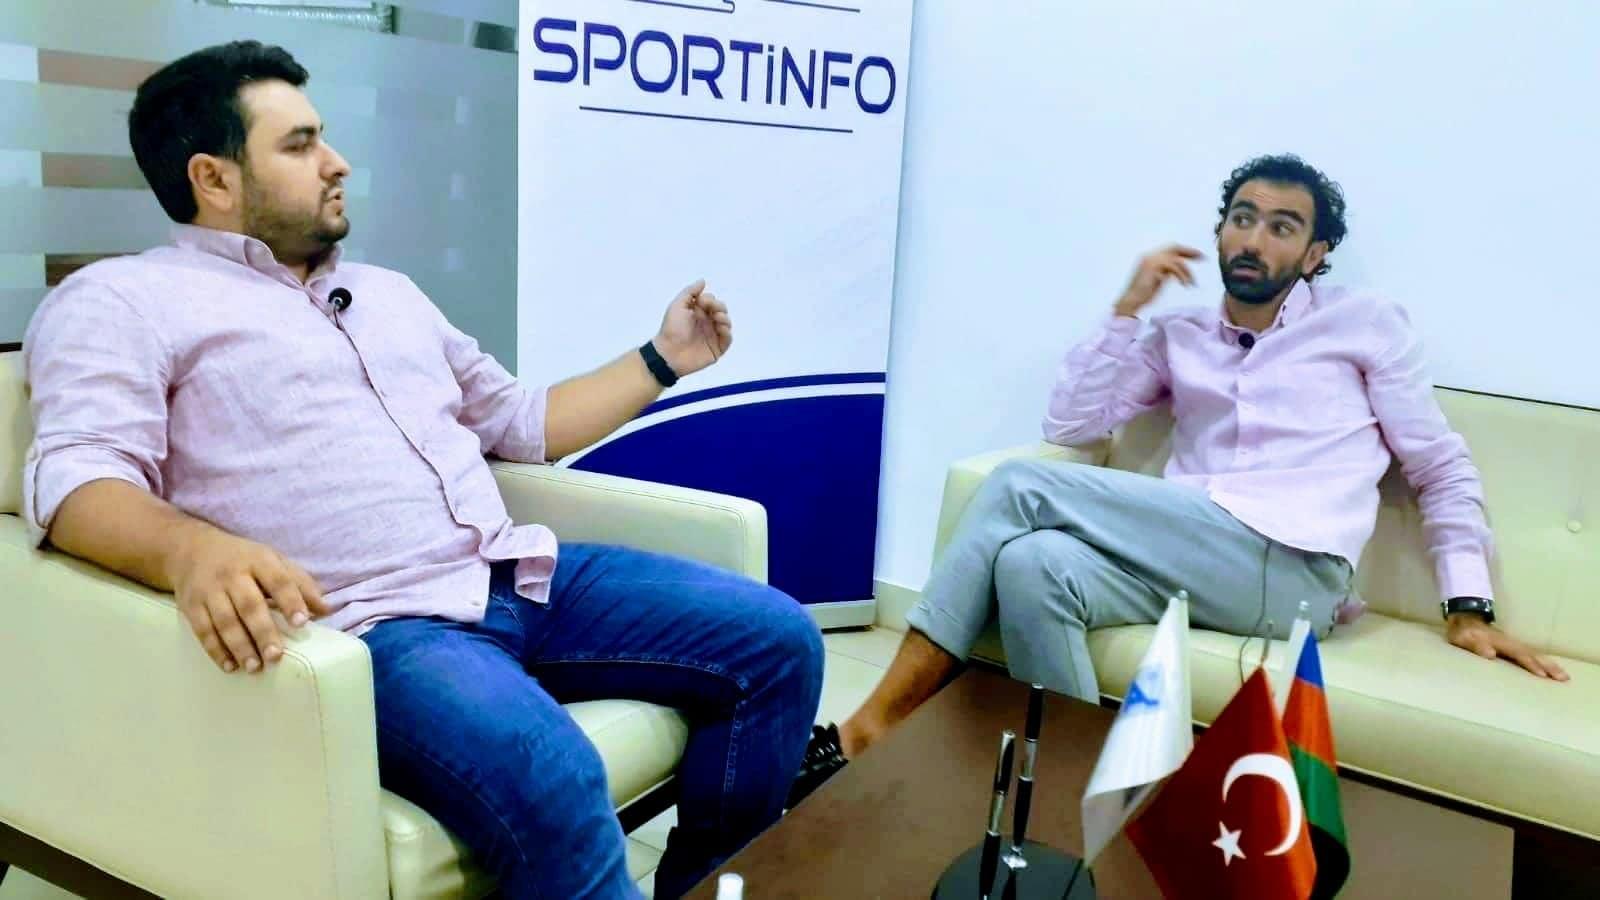 """""""Sportinfo TV""""də QIZĞIN MÜZAKİRƏ: Ronaldo, yoxsa Messi? - VİDEO"""